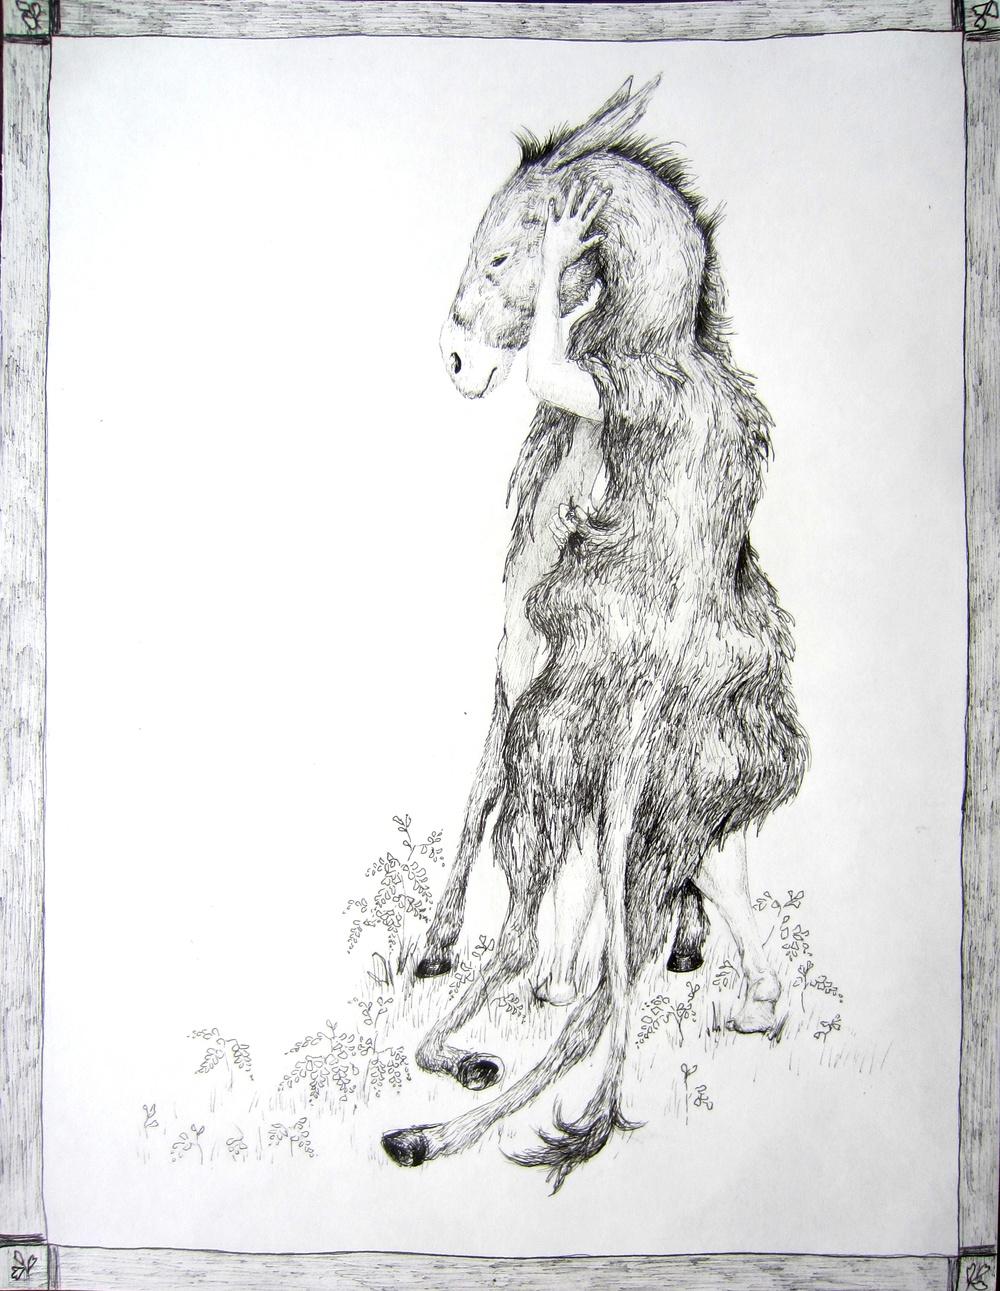 Donkeyskin Again